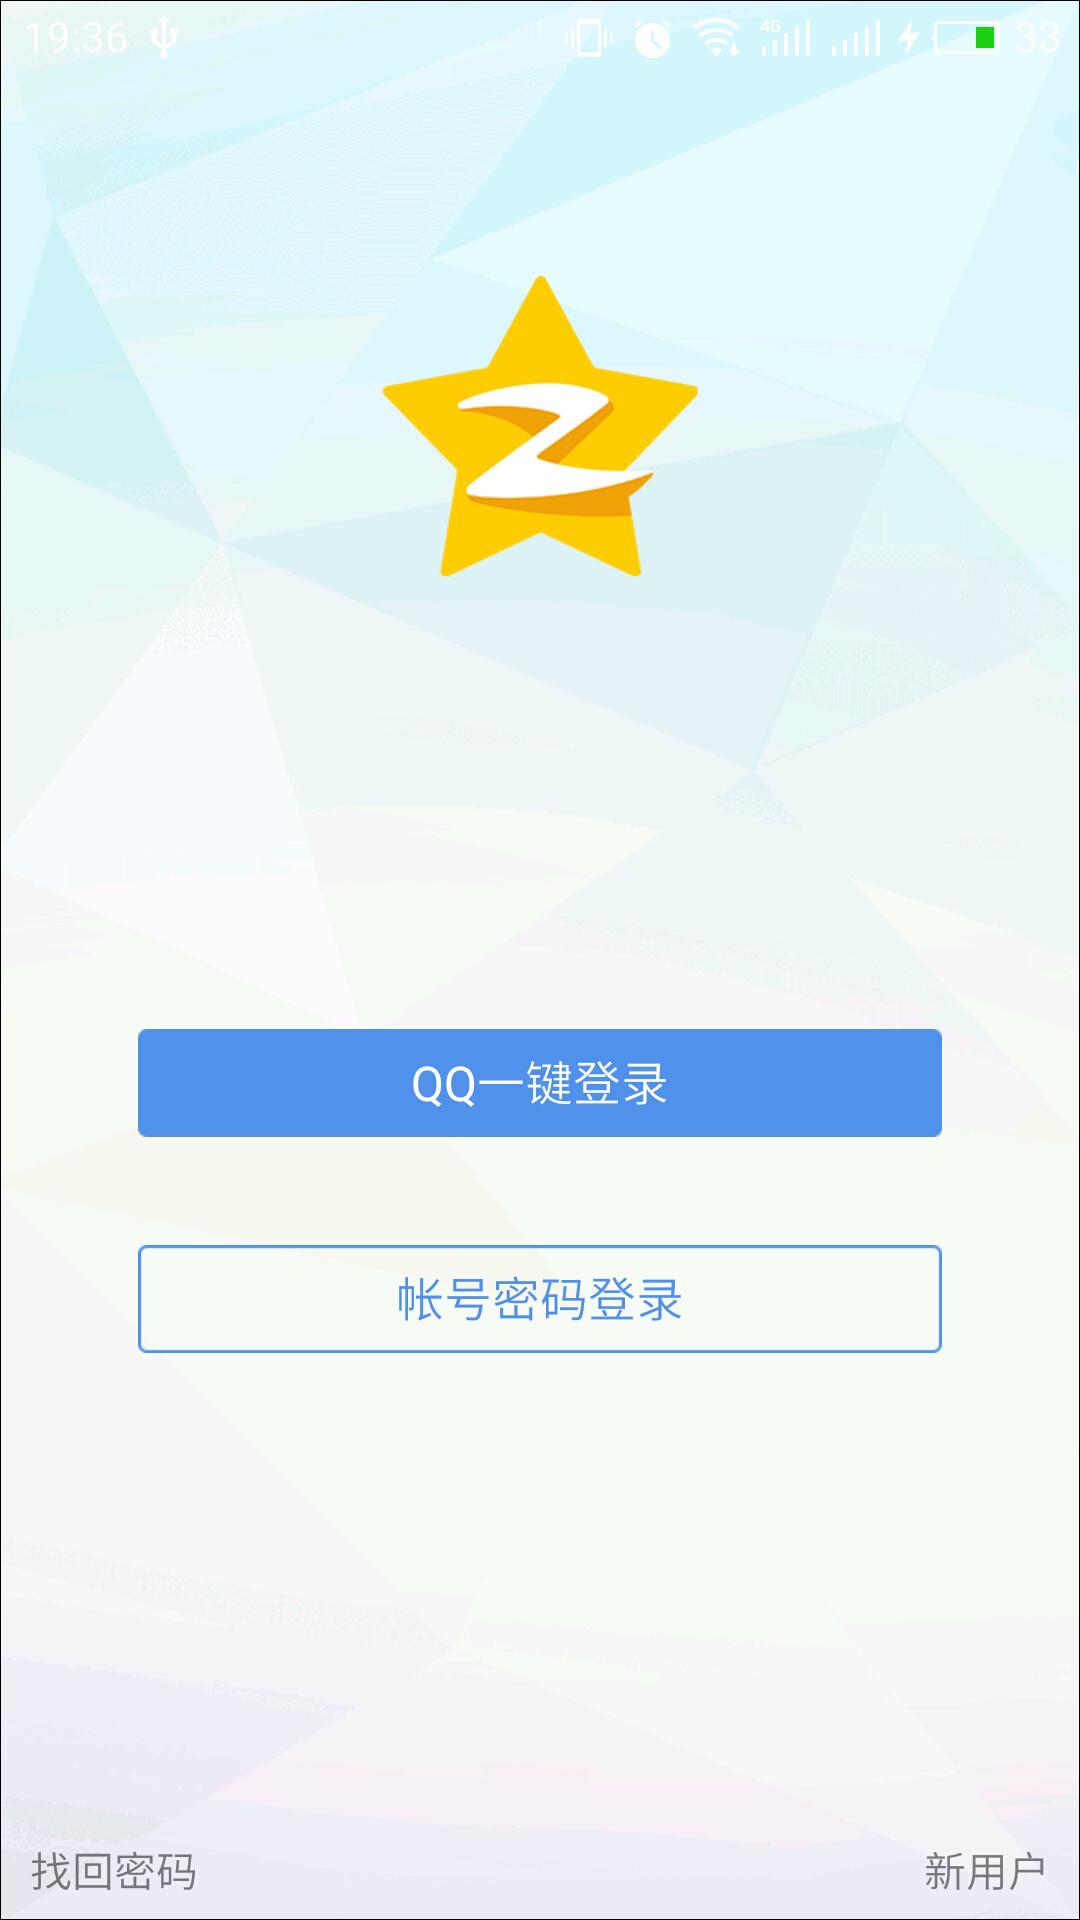 QQ空间下载 手机QQ空间最新版下载 QQ空间安卓版下载